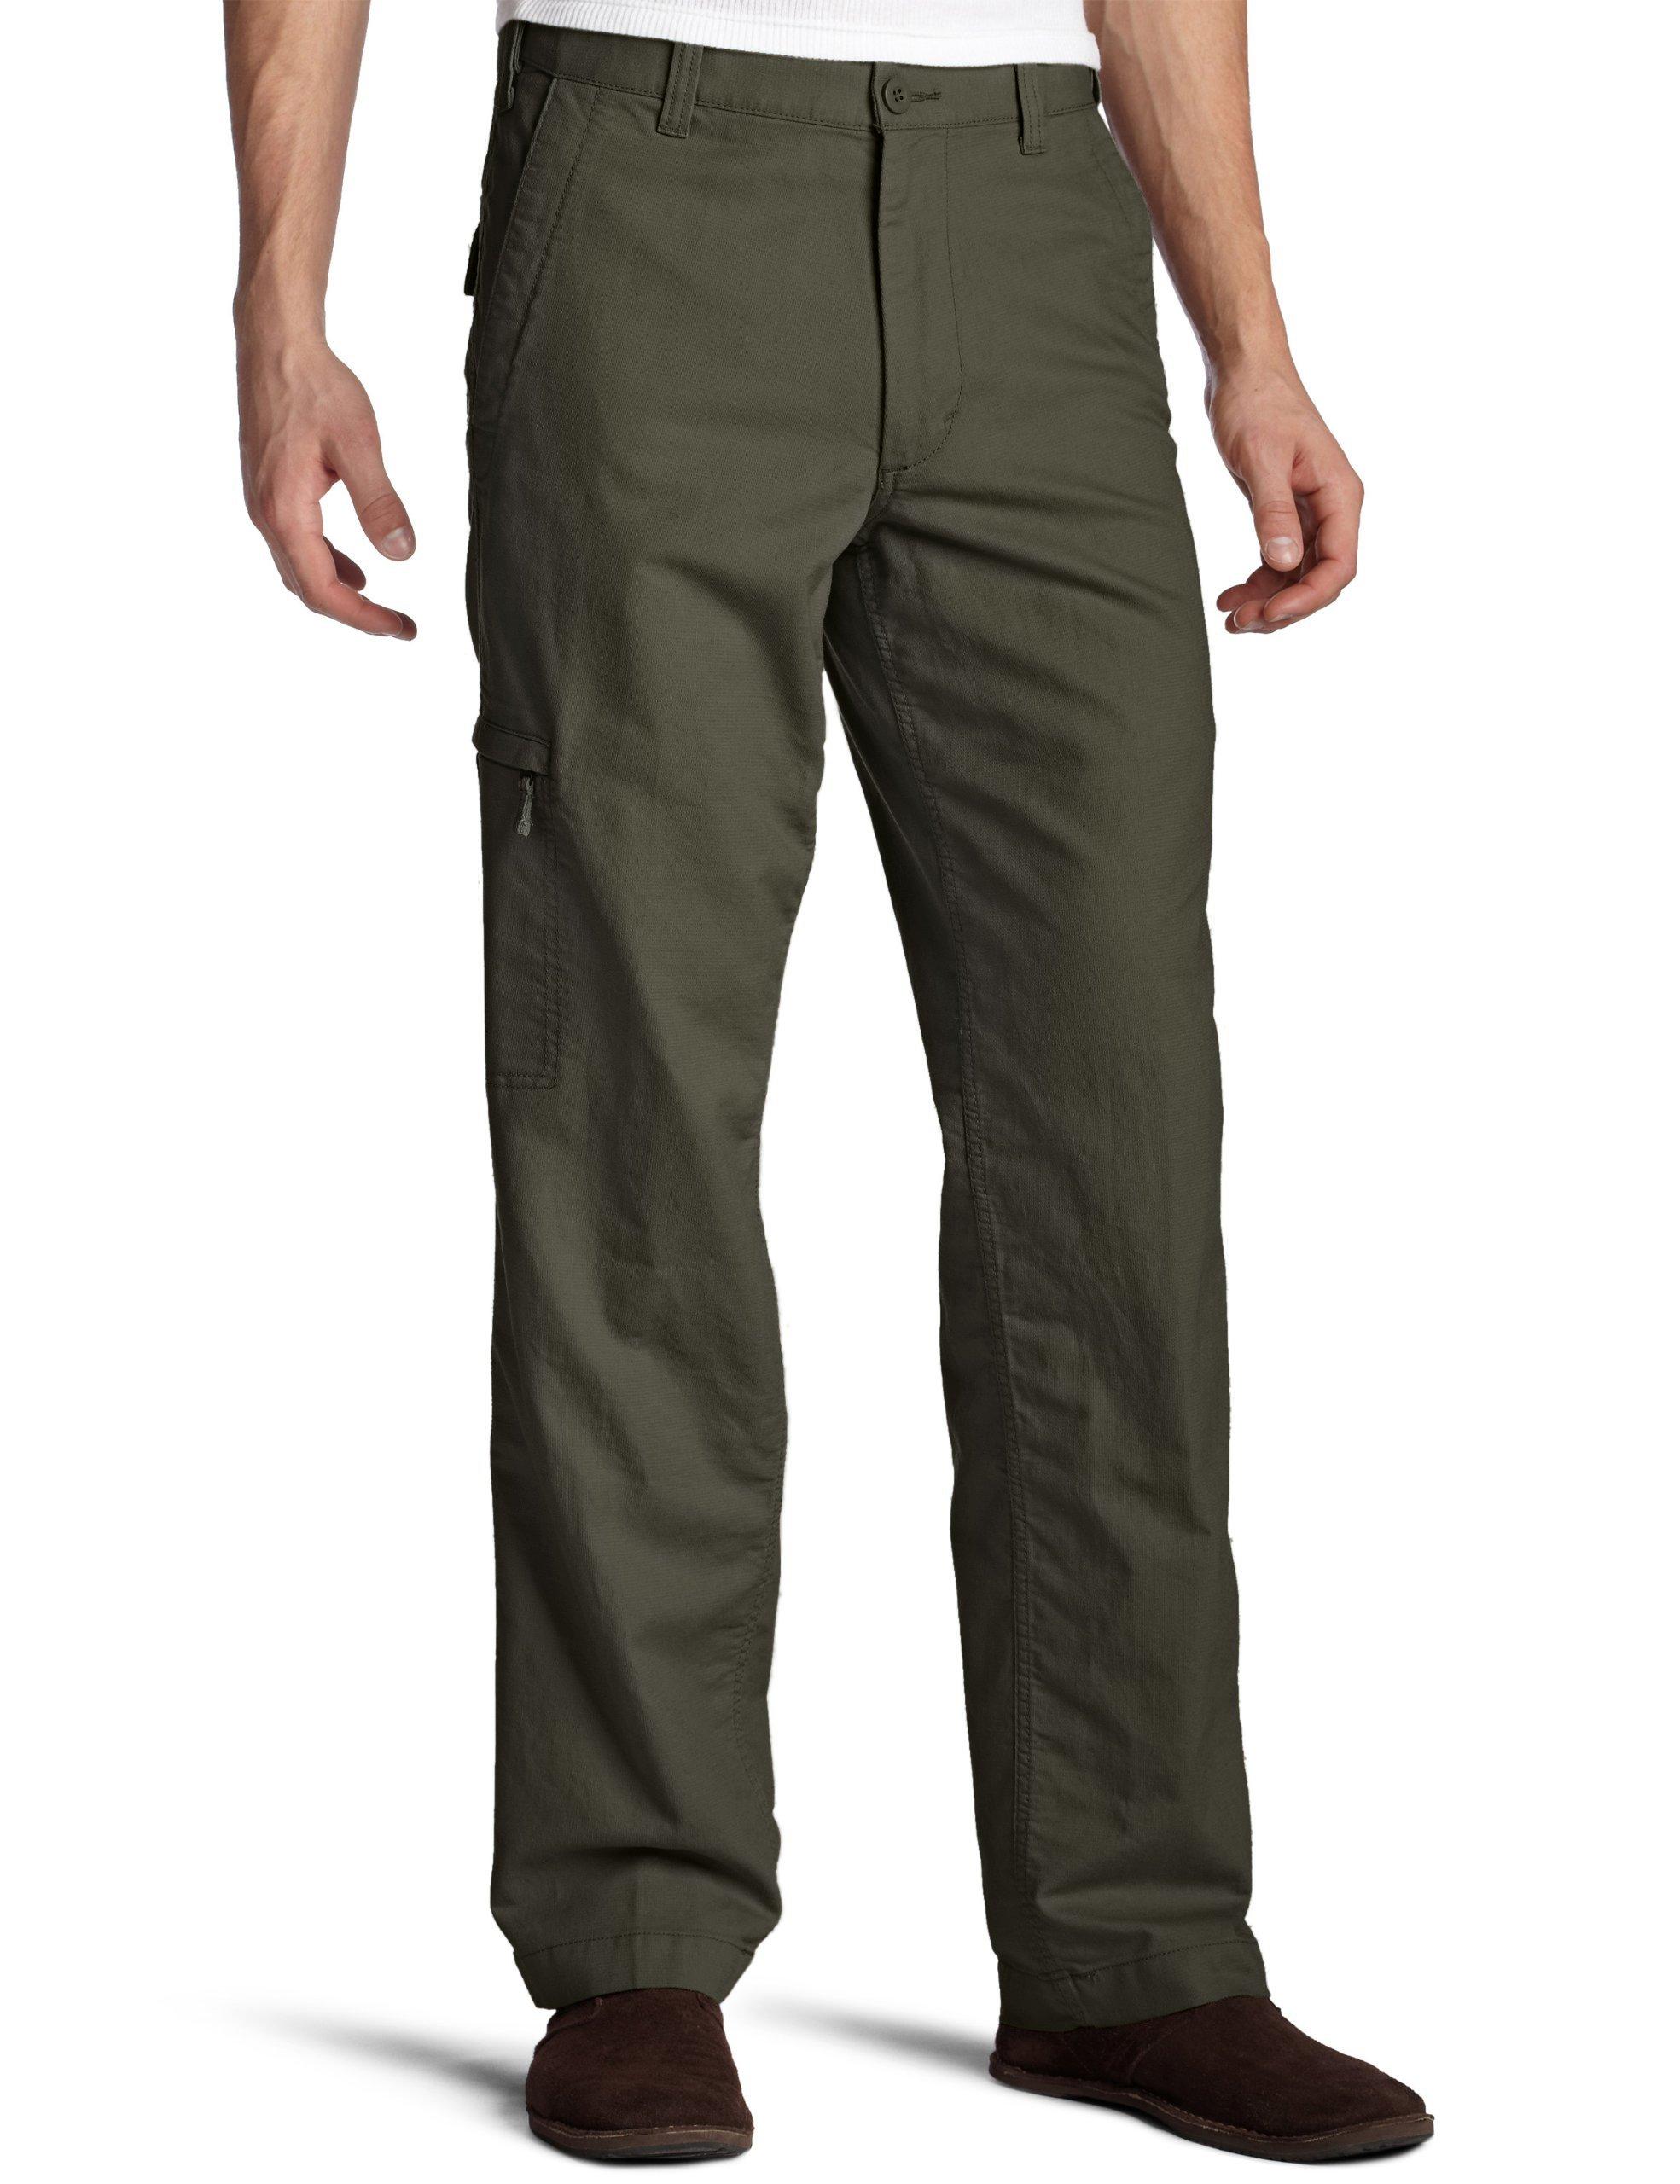 Dockers Men's Alpha Khaki Pant, Rifle Green, 32W x 29L by Dockers